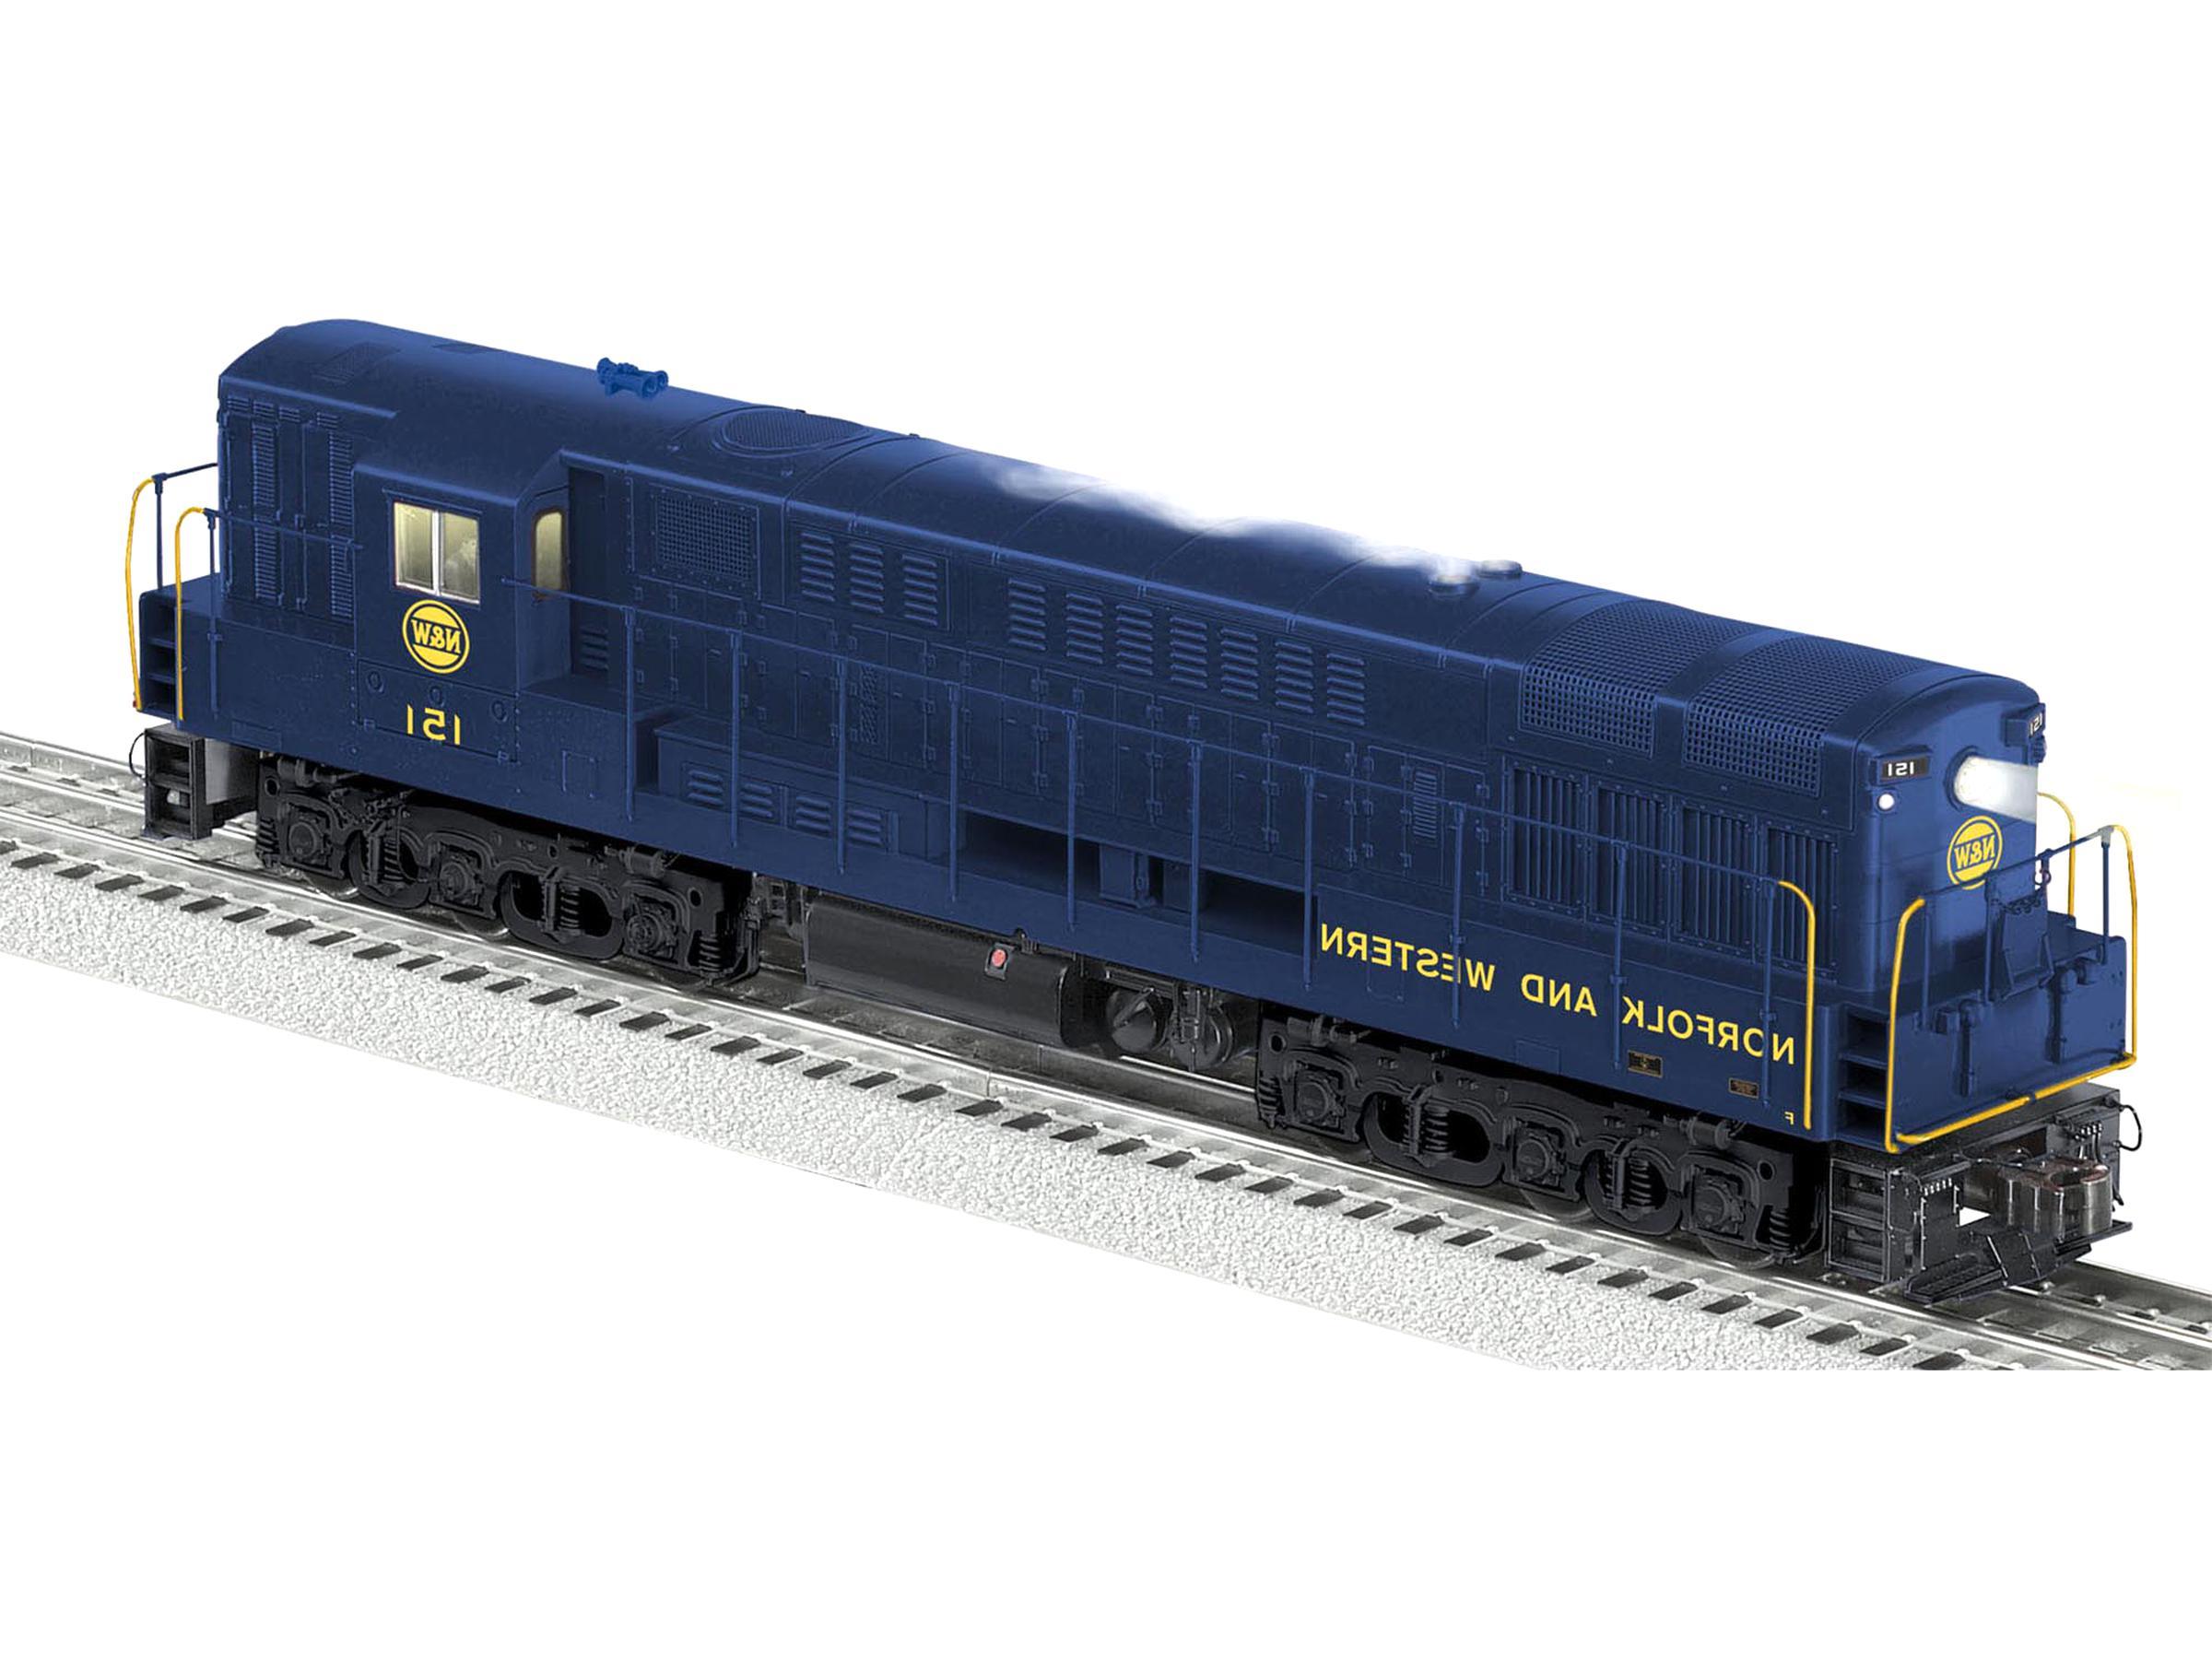 Lionel Diesel Locomotives for sale   Only 2 left at -75%